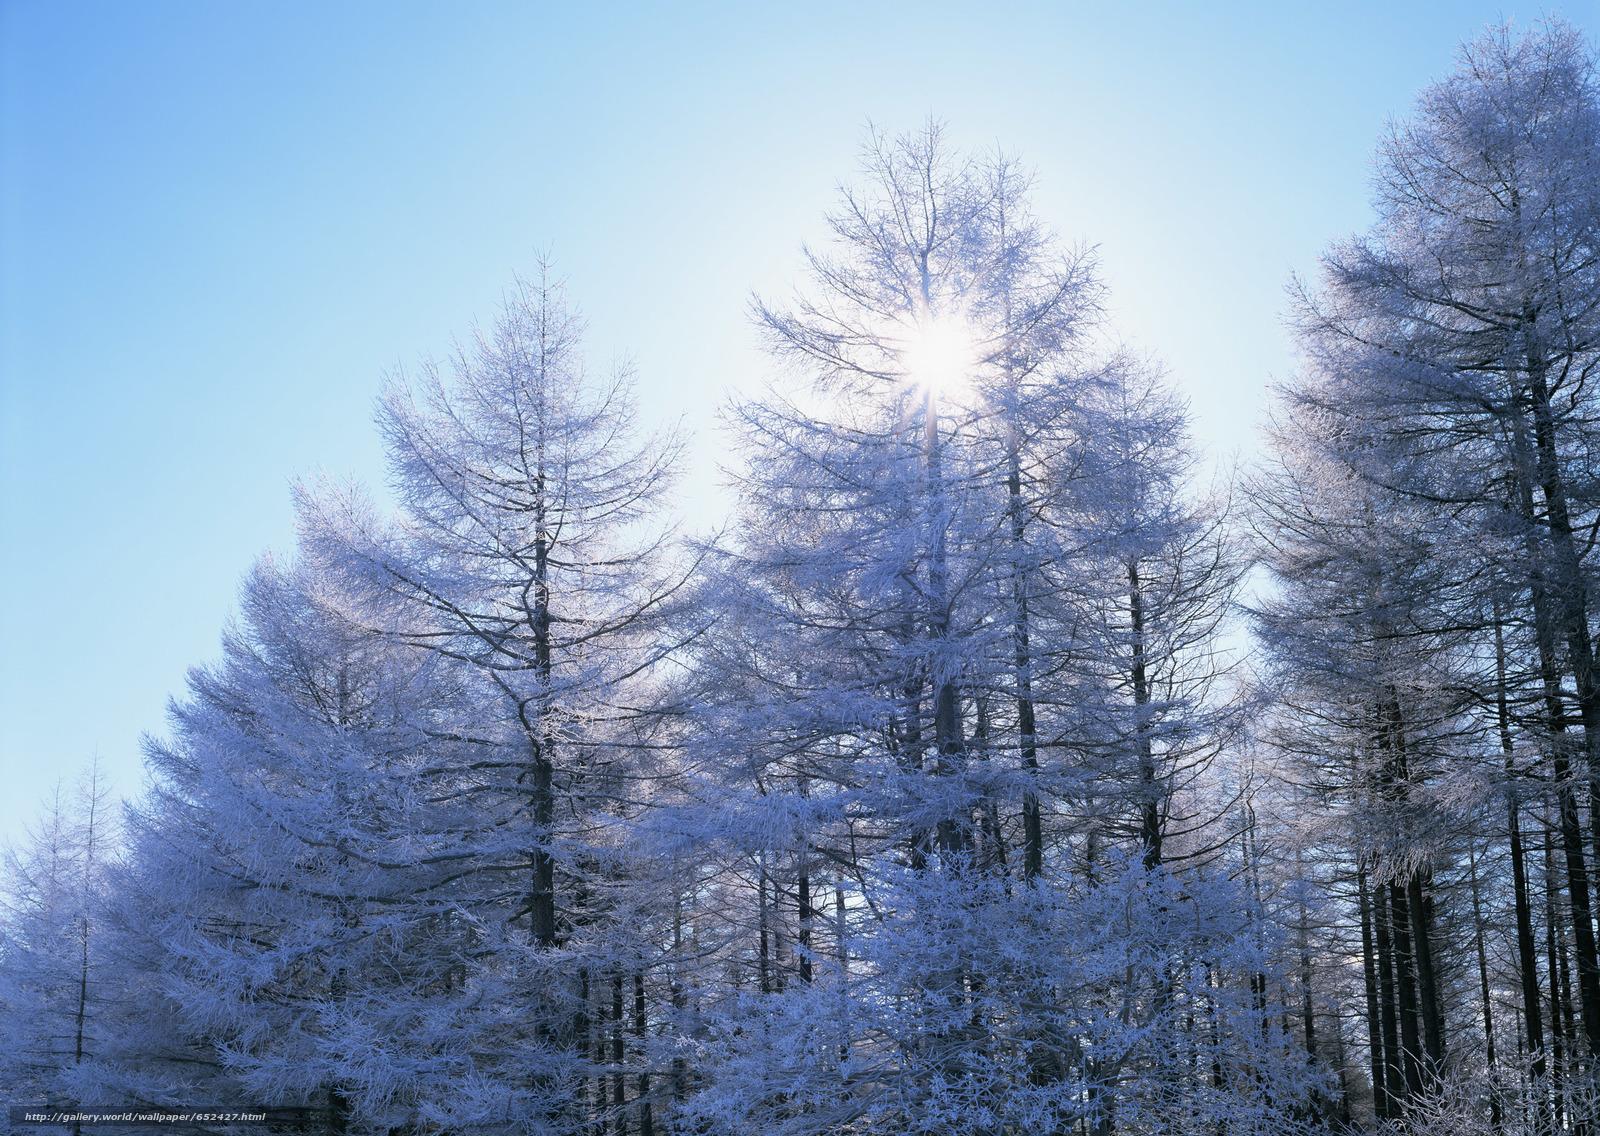 Скачать обои зима,  природа,  деревья,  снег бесплатно для рабочего стола в разрешении 2950x2094 — картинка №652427